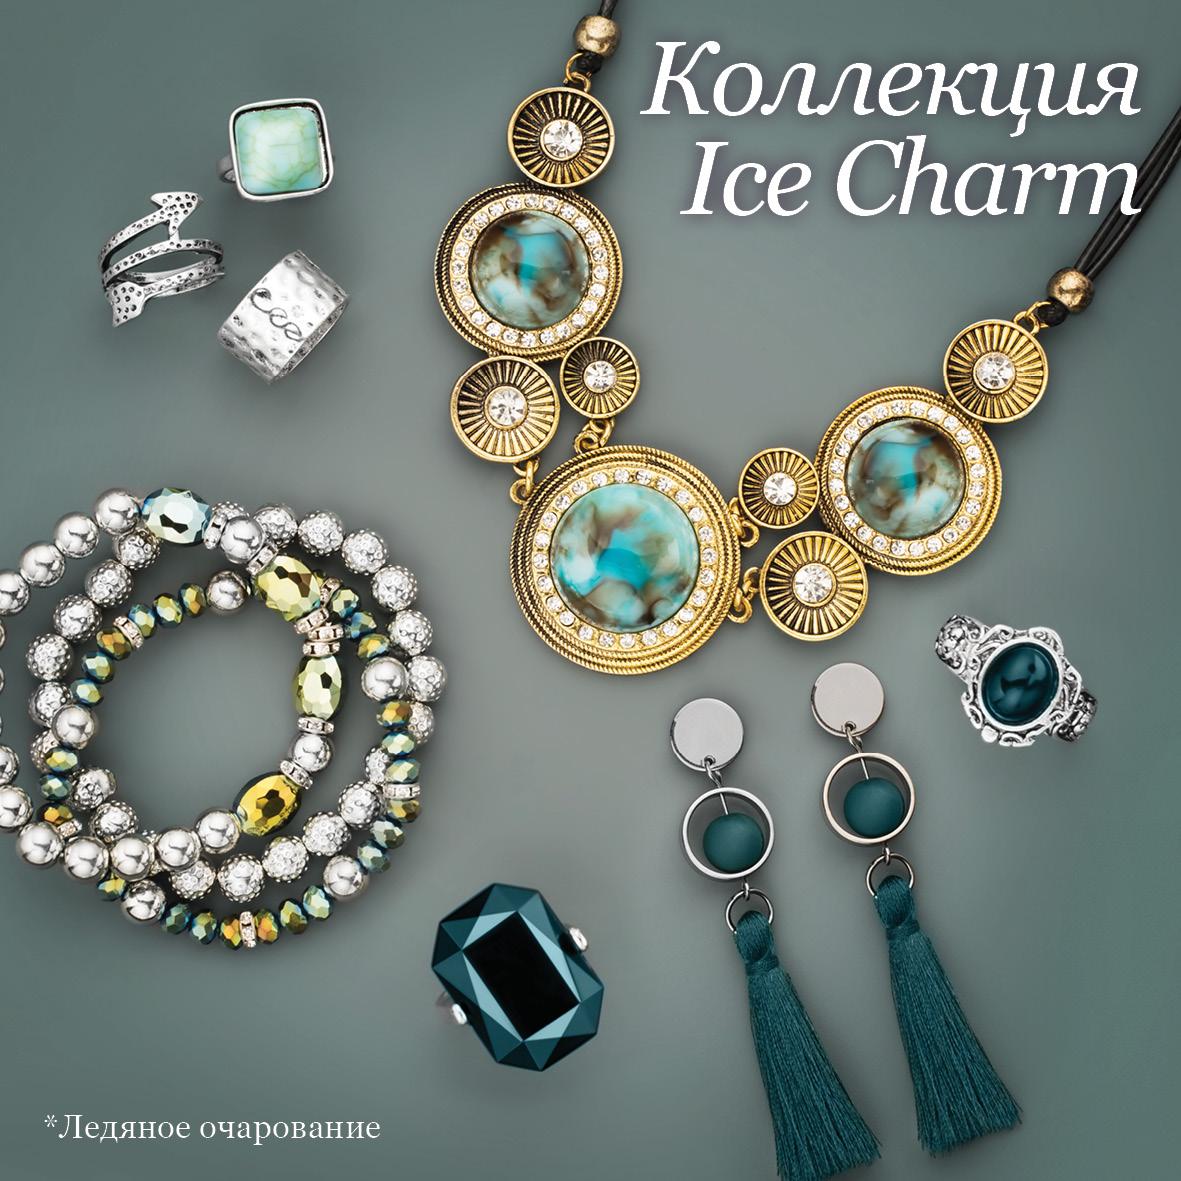 Lady Collection - Кольца, браслеты, серьги, украшения в магазине.